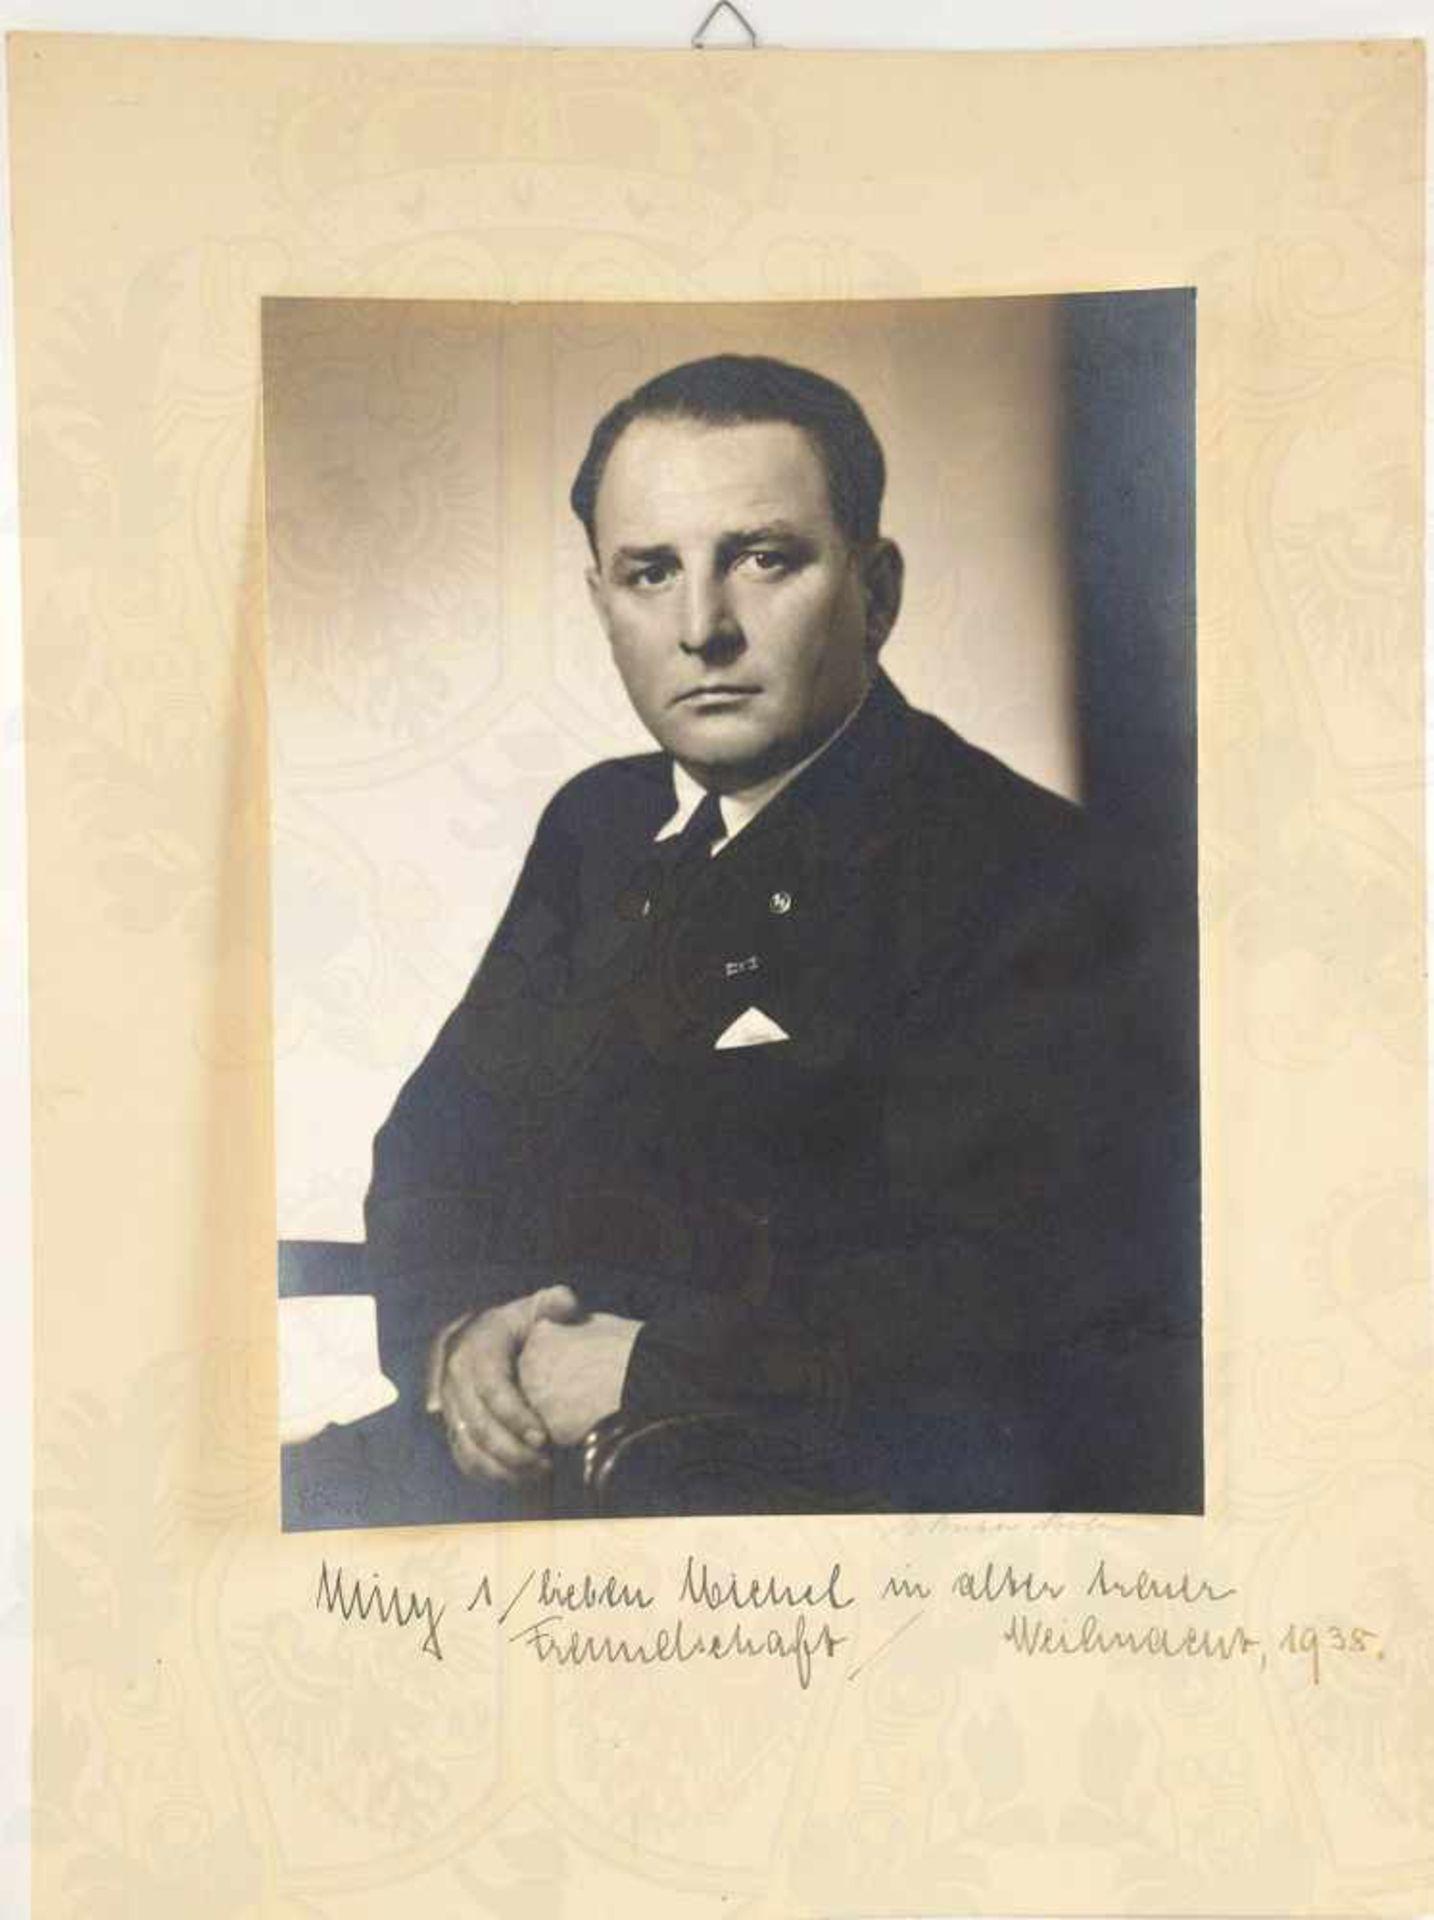 Los 6 - SACHS, WILLY, (1896-1962), dt. Industrieller, ab 1933 Wehrwirtschaftsführer, 1943 SS-